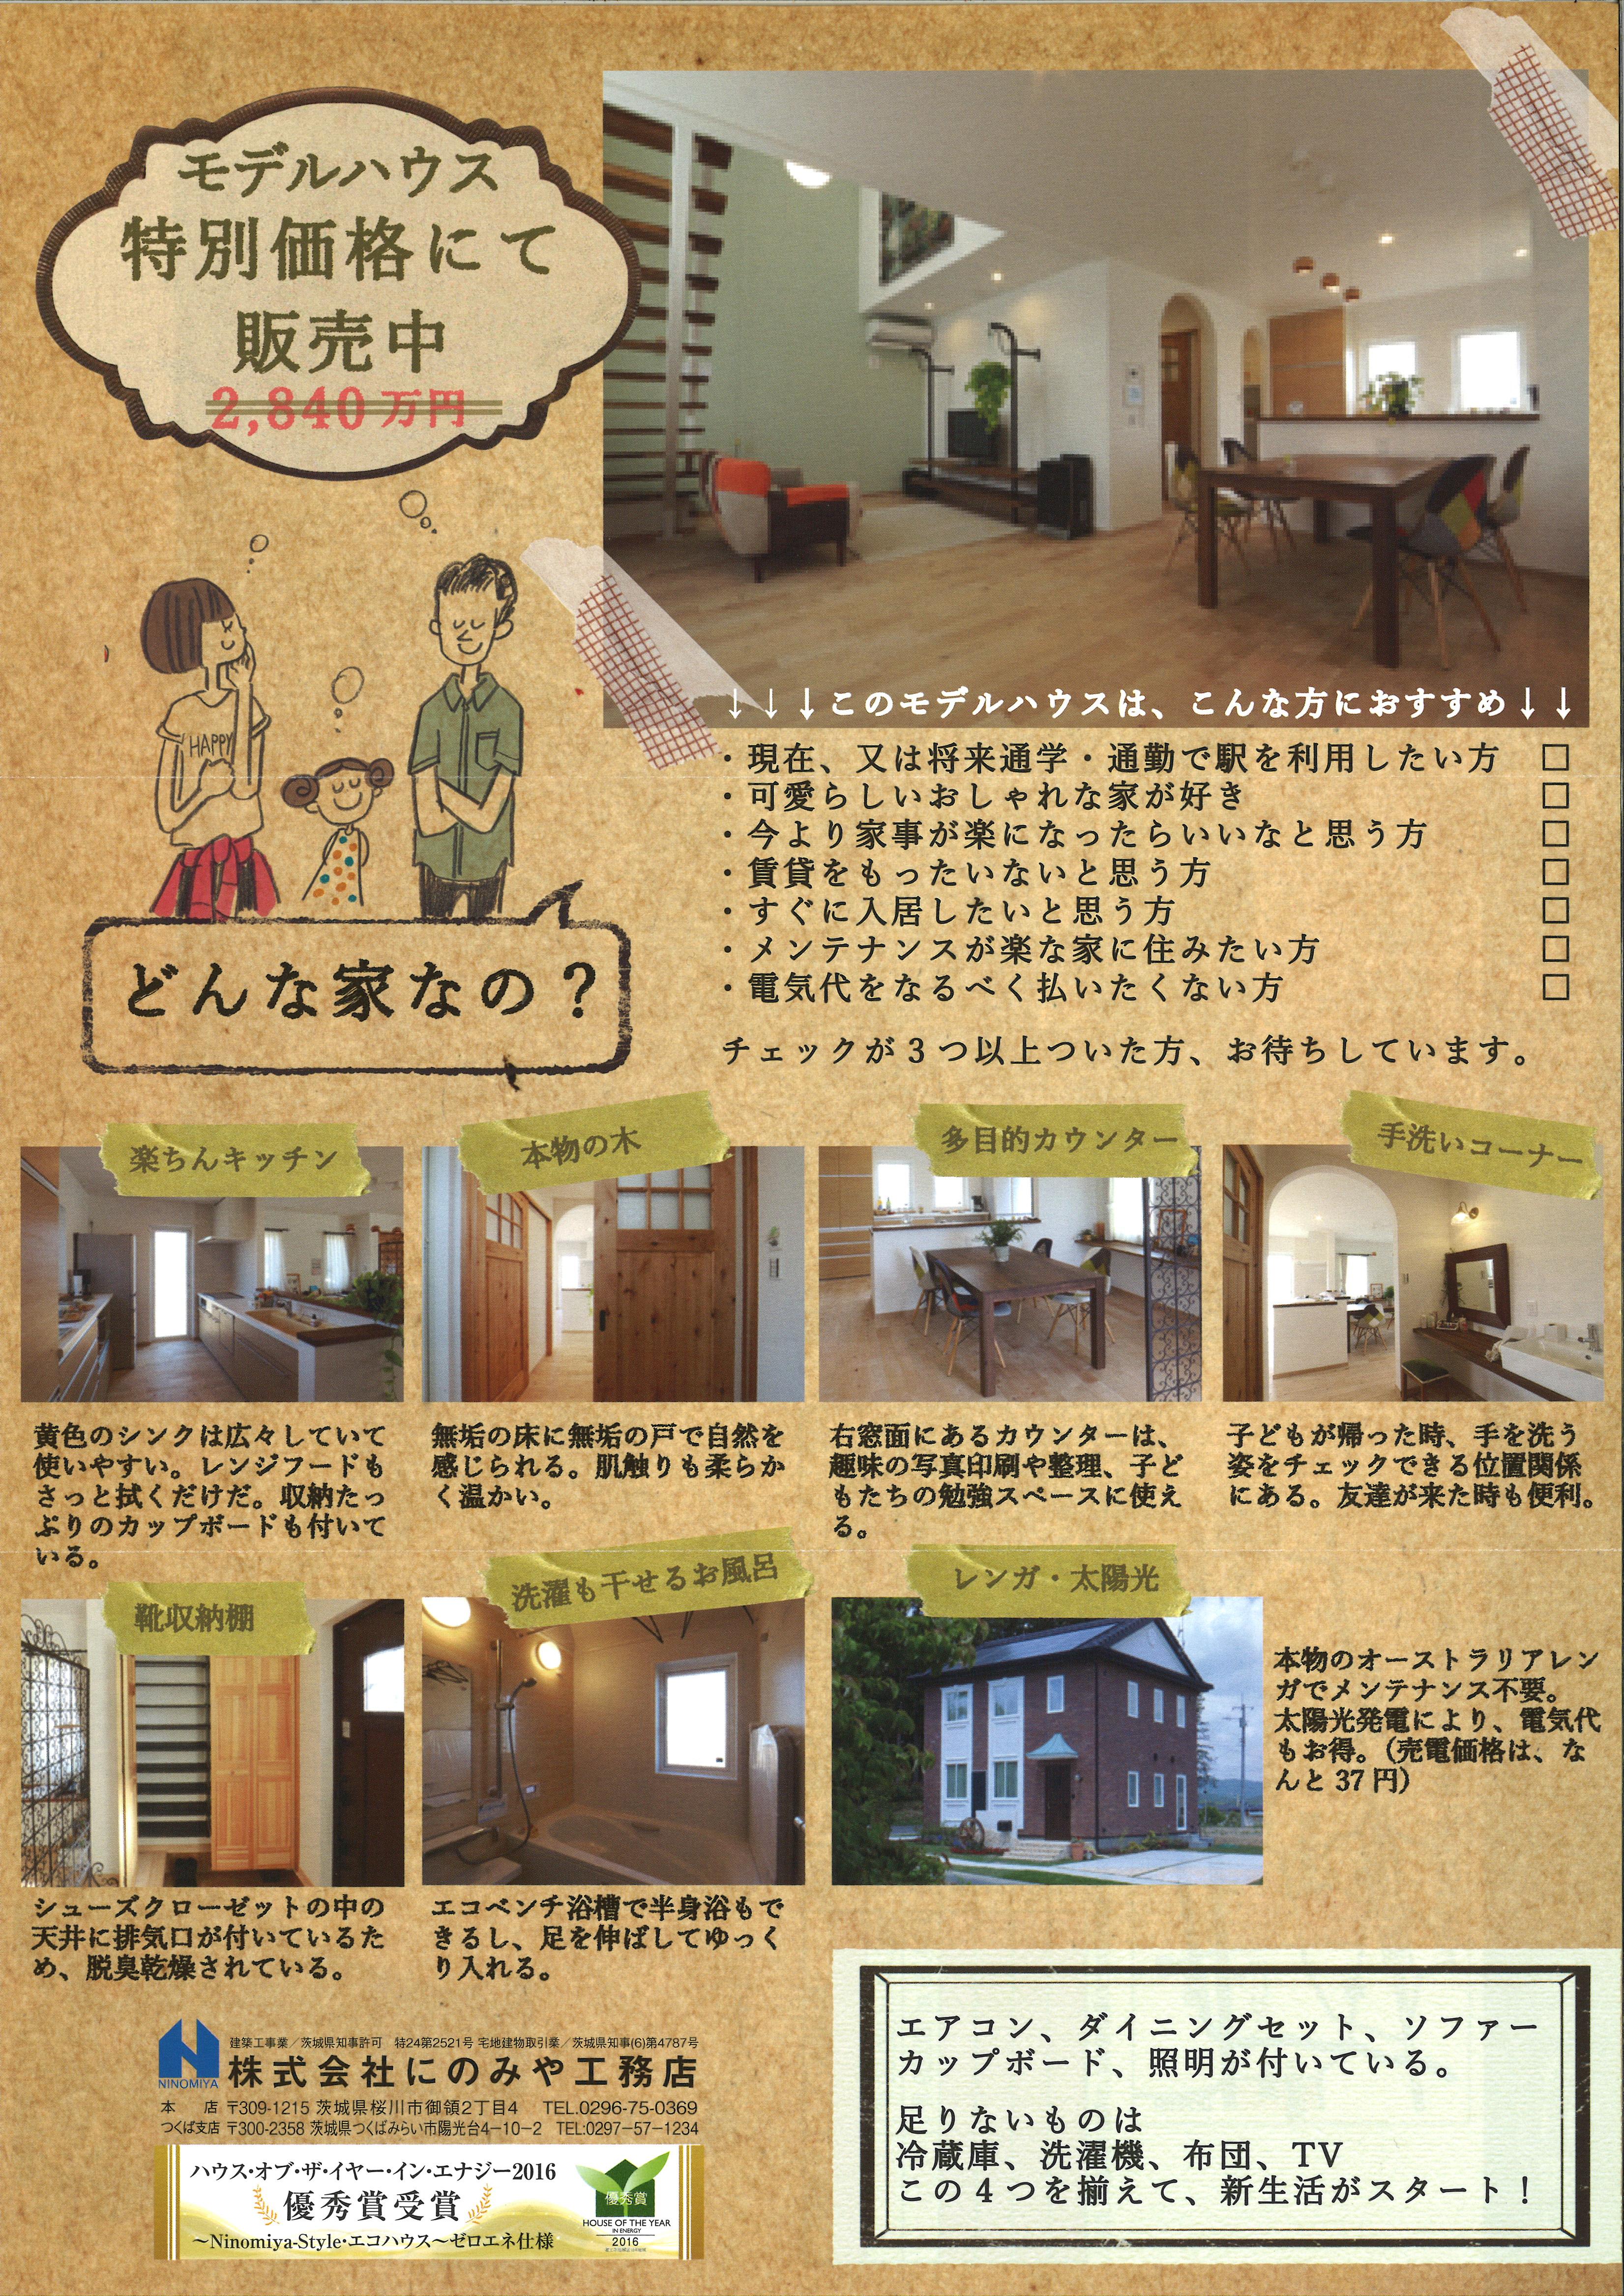 <桜源郷>モデルハウス&土地販売会